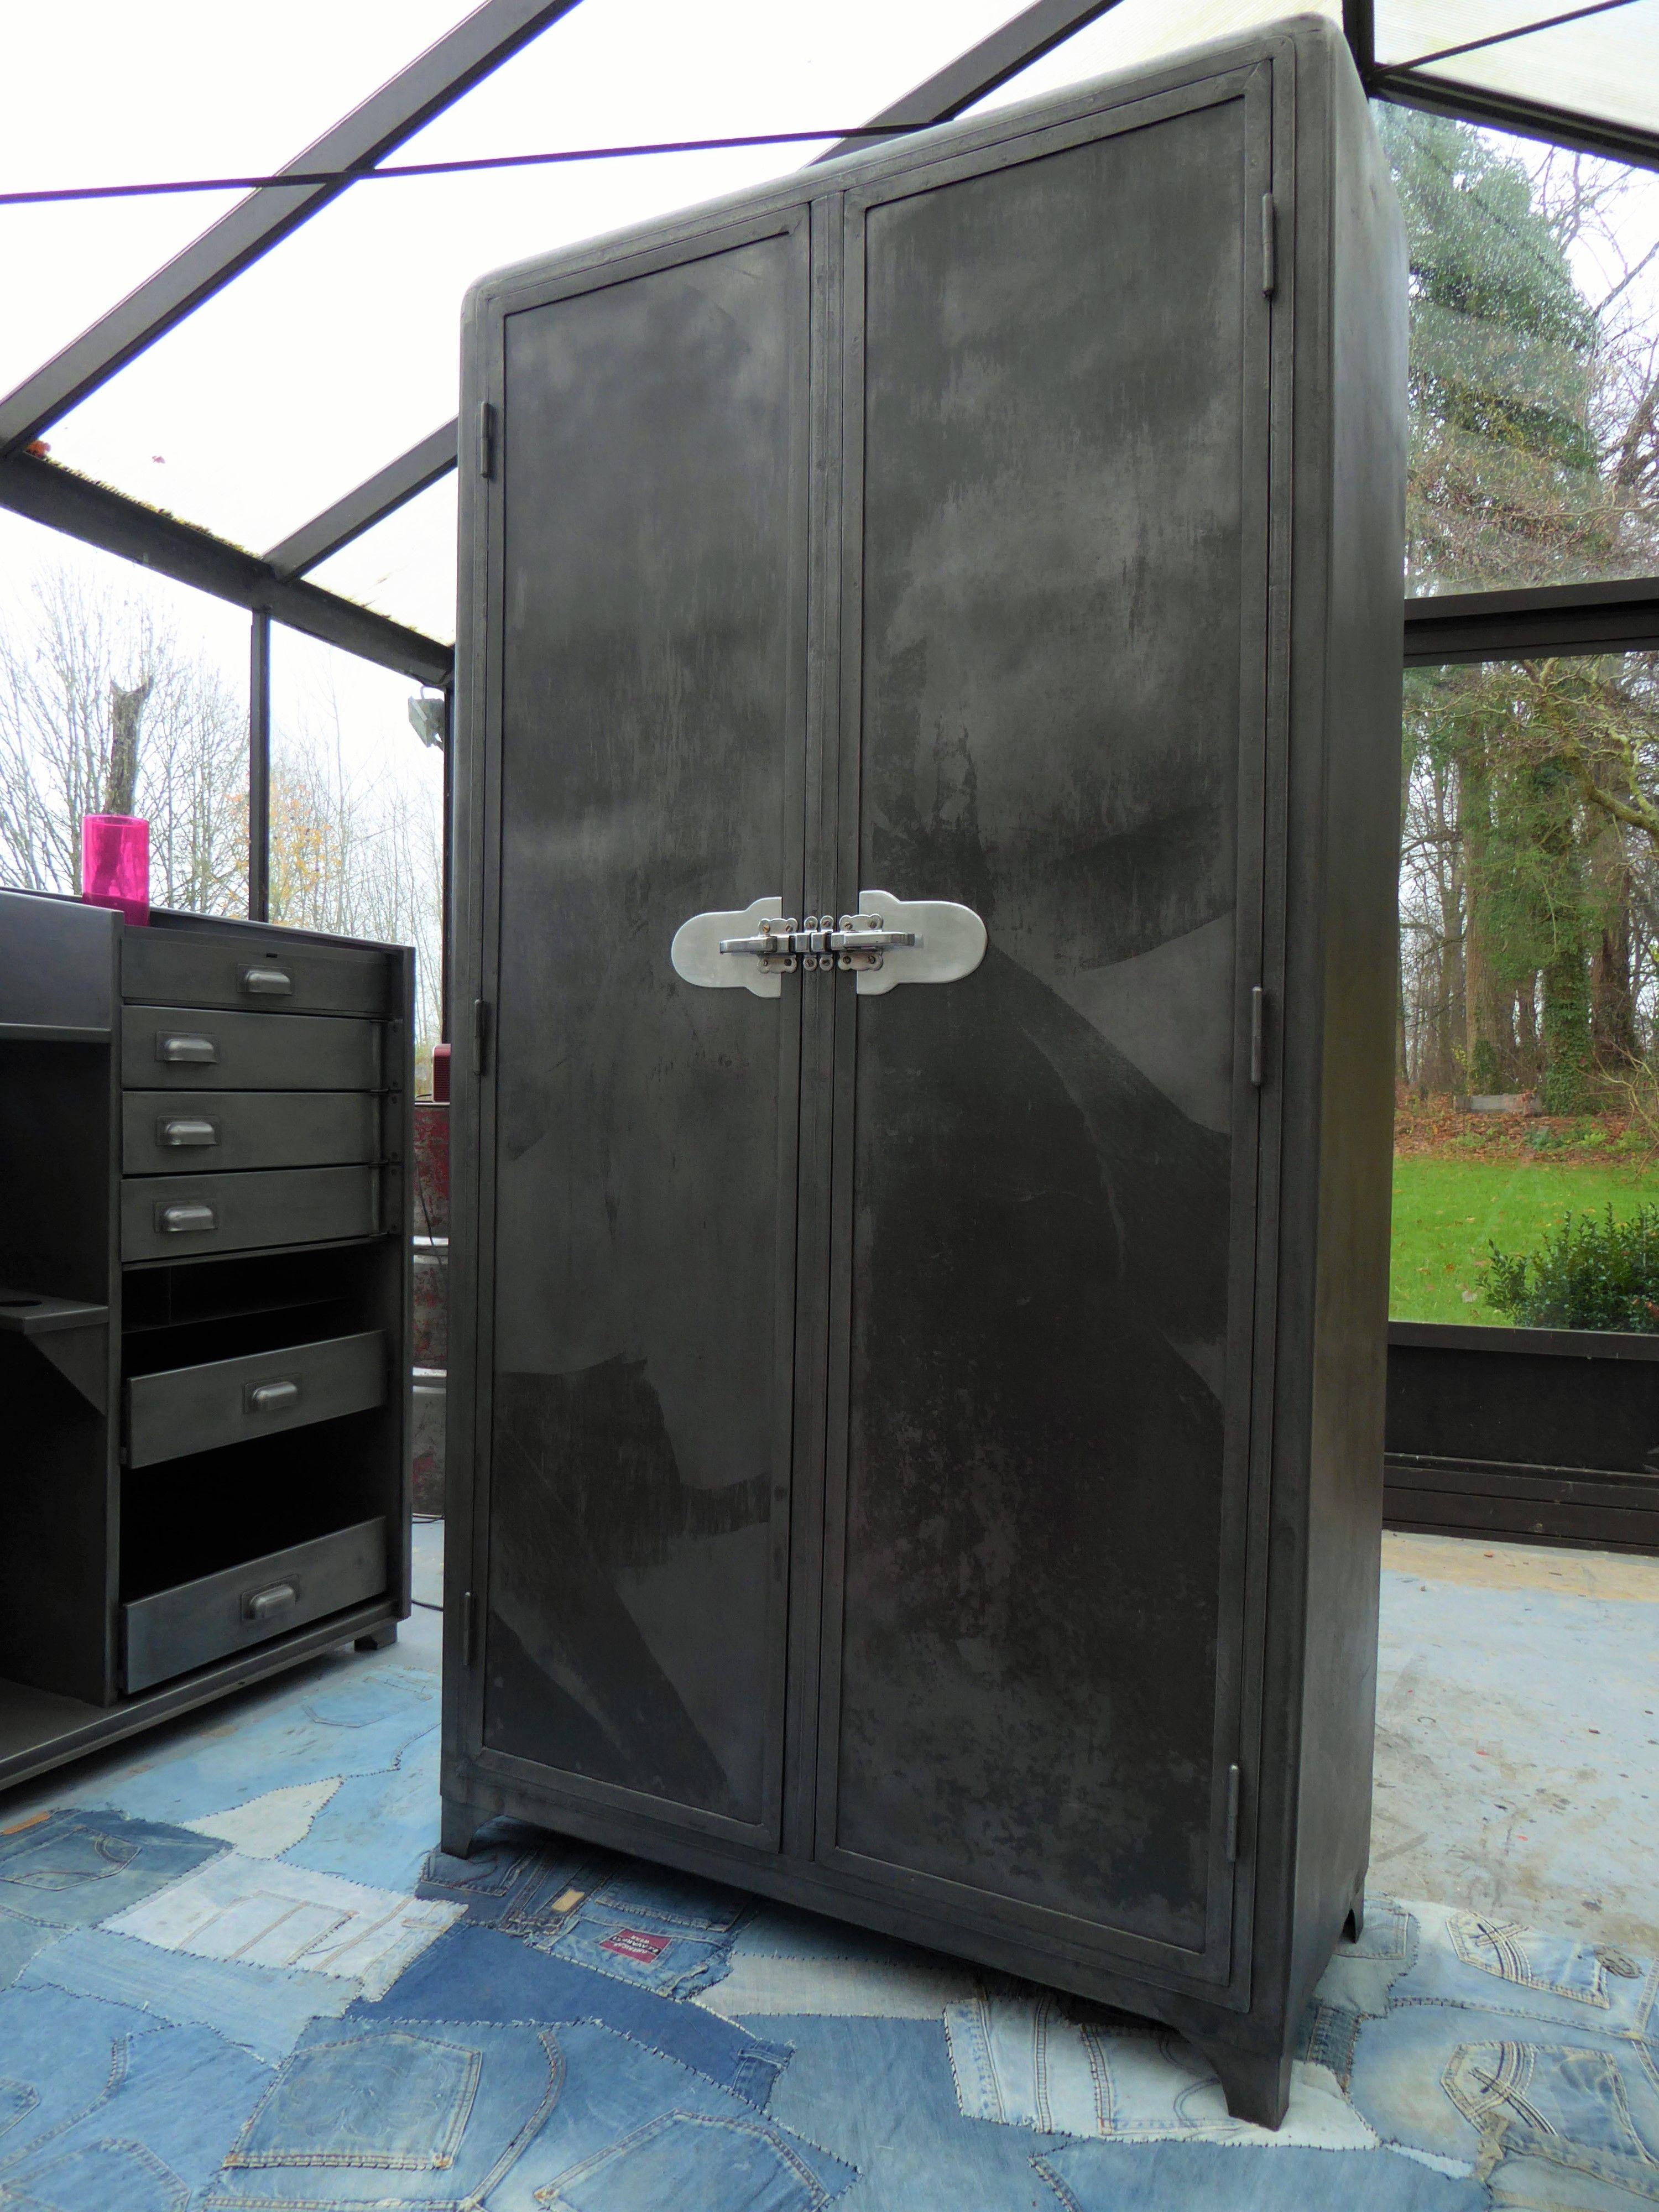 luxe armoires de cuisine en m tal vintage kgit4 appareils de cuisineappareils de cuisine. Black Bedroom Furniture Sets. Home Design Ideas